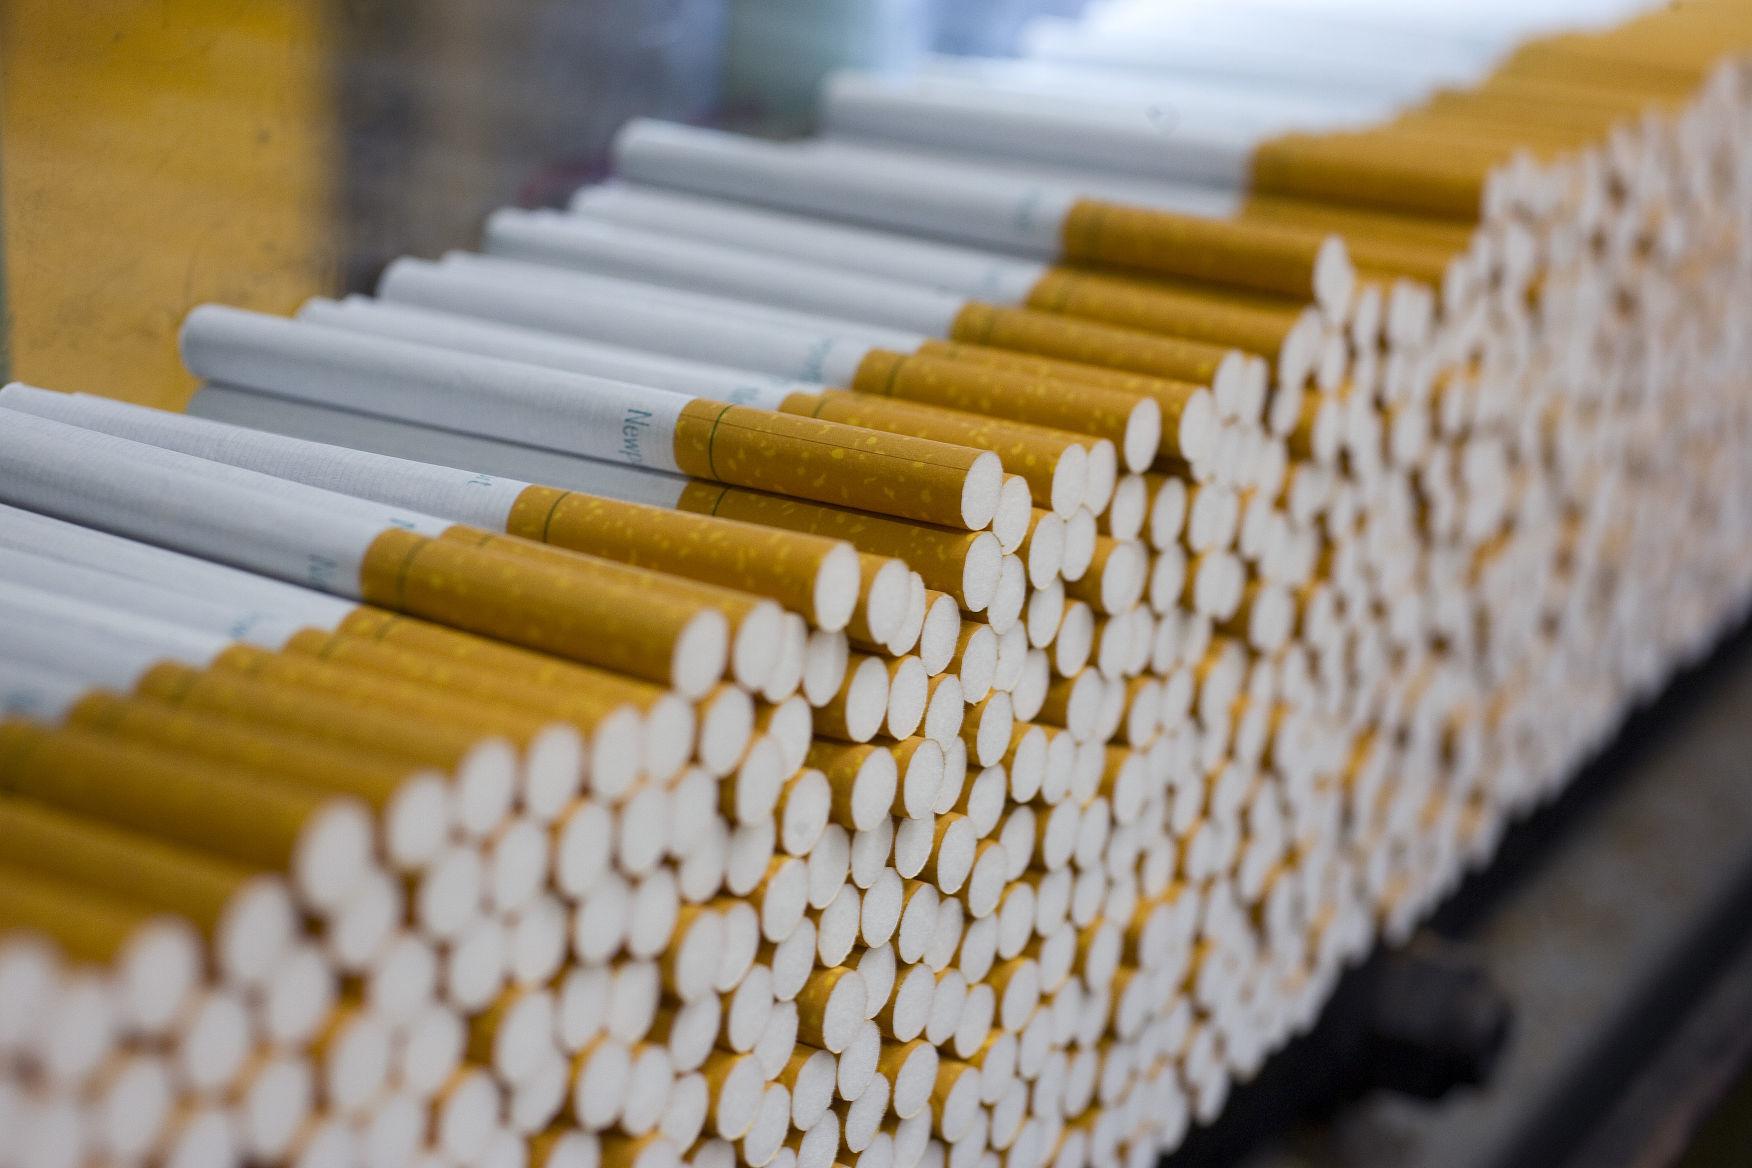 Viceroy cigarettes made Switzerland